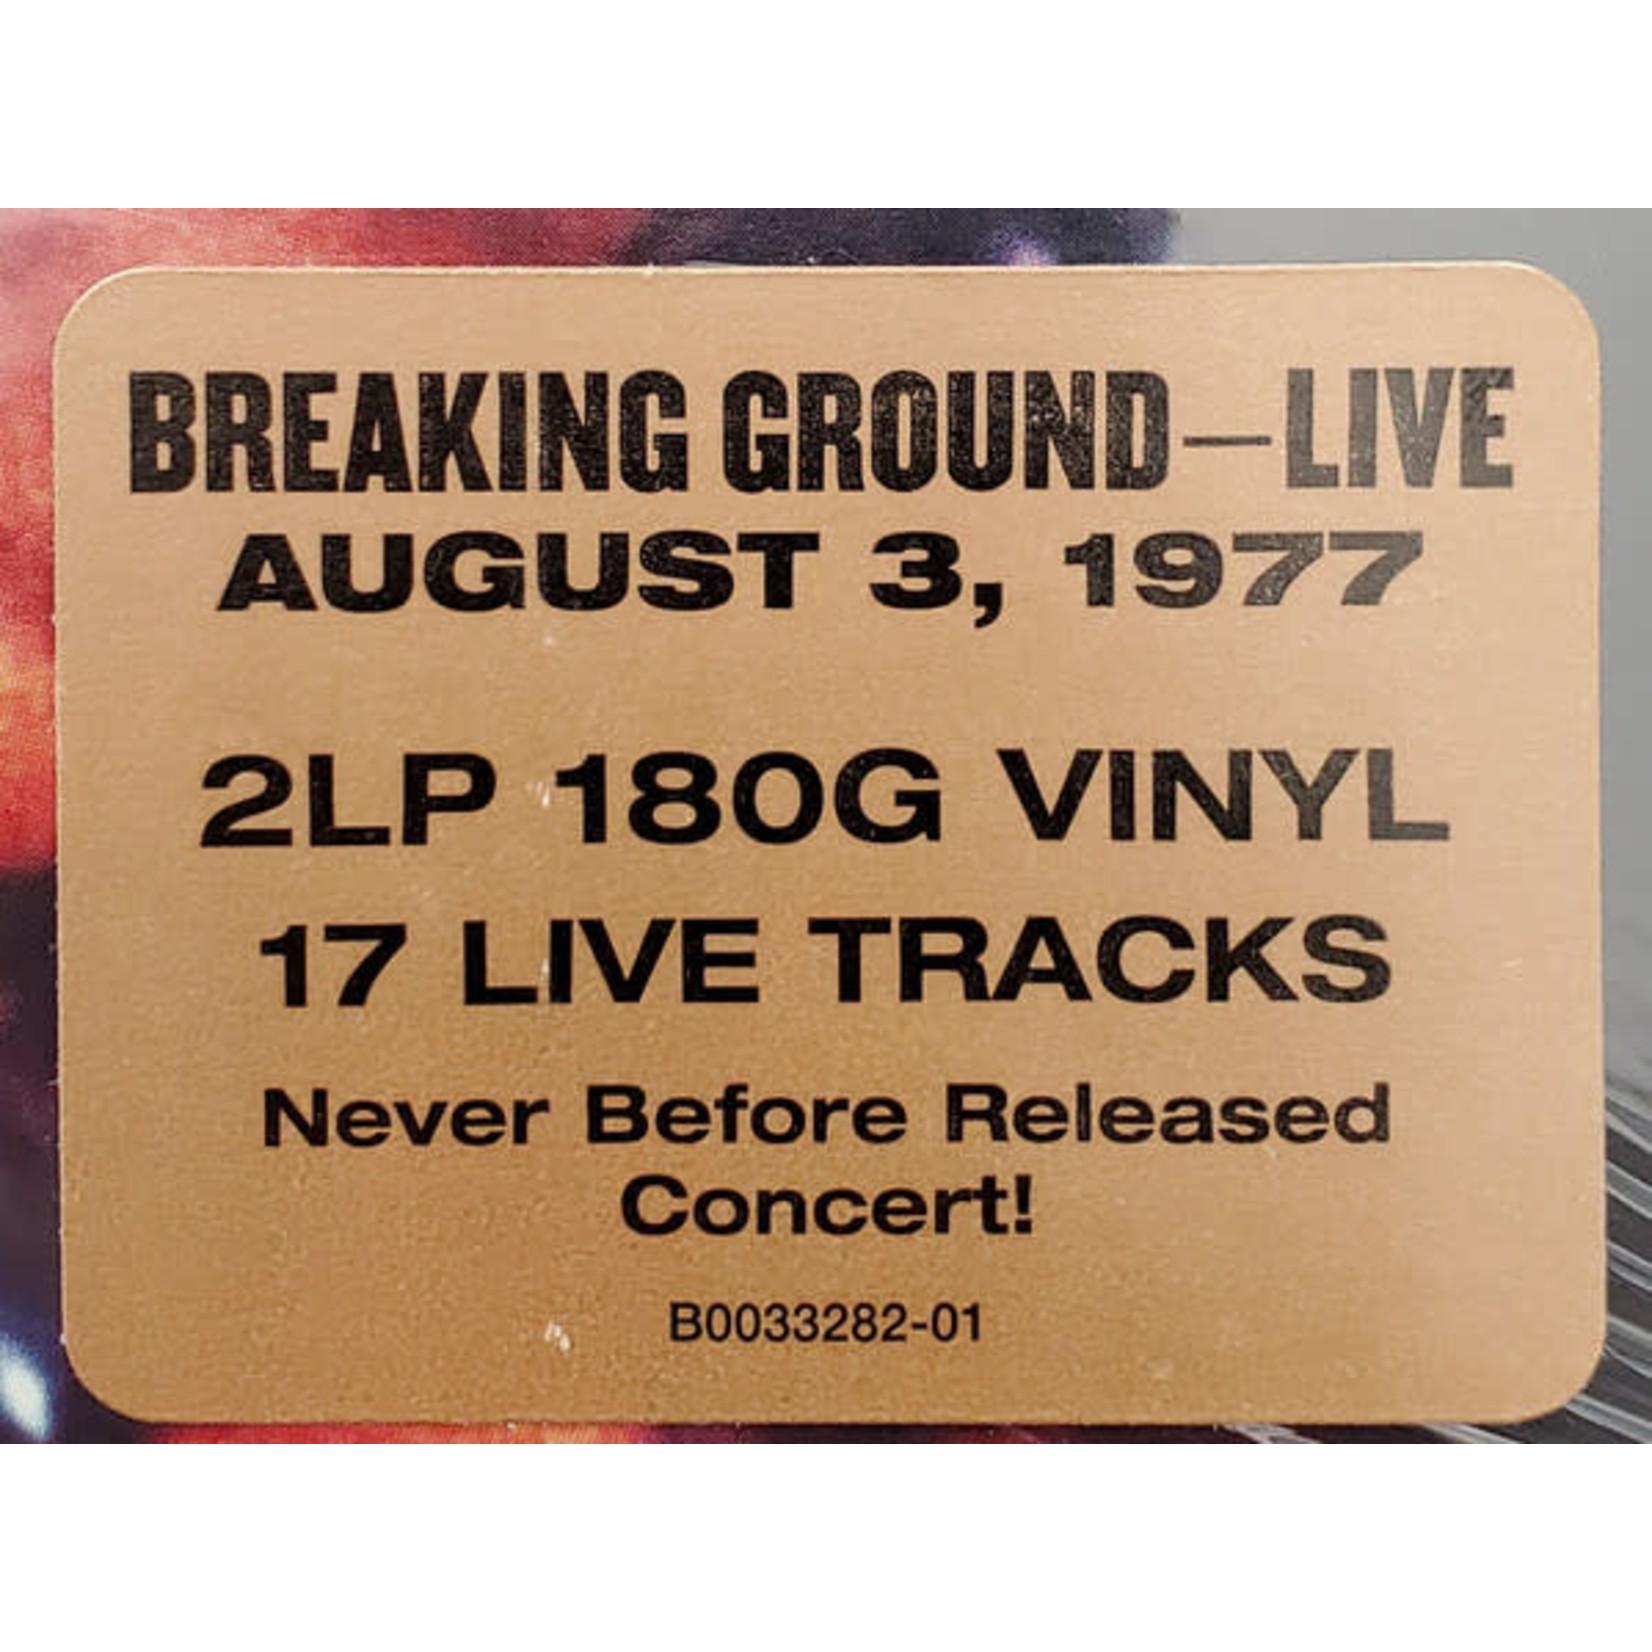 STEVE MILLER BAND BREAKING GROUND, AUGUST 3, 1977 (2LP)